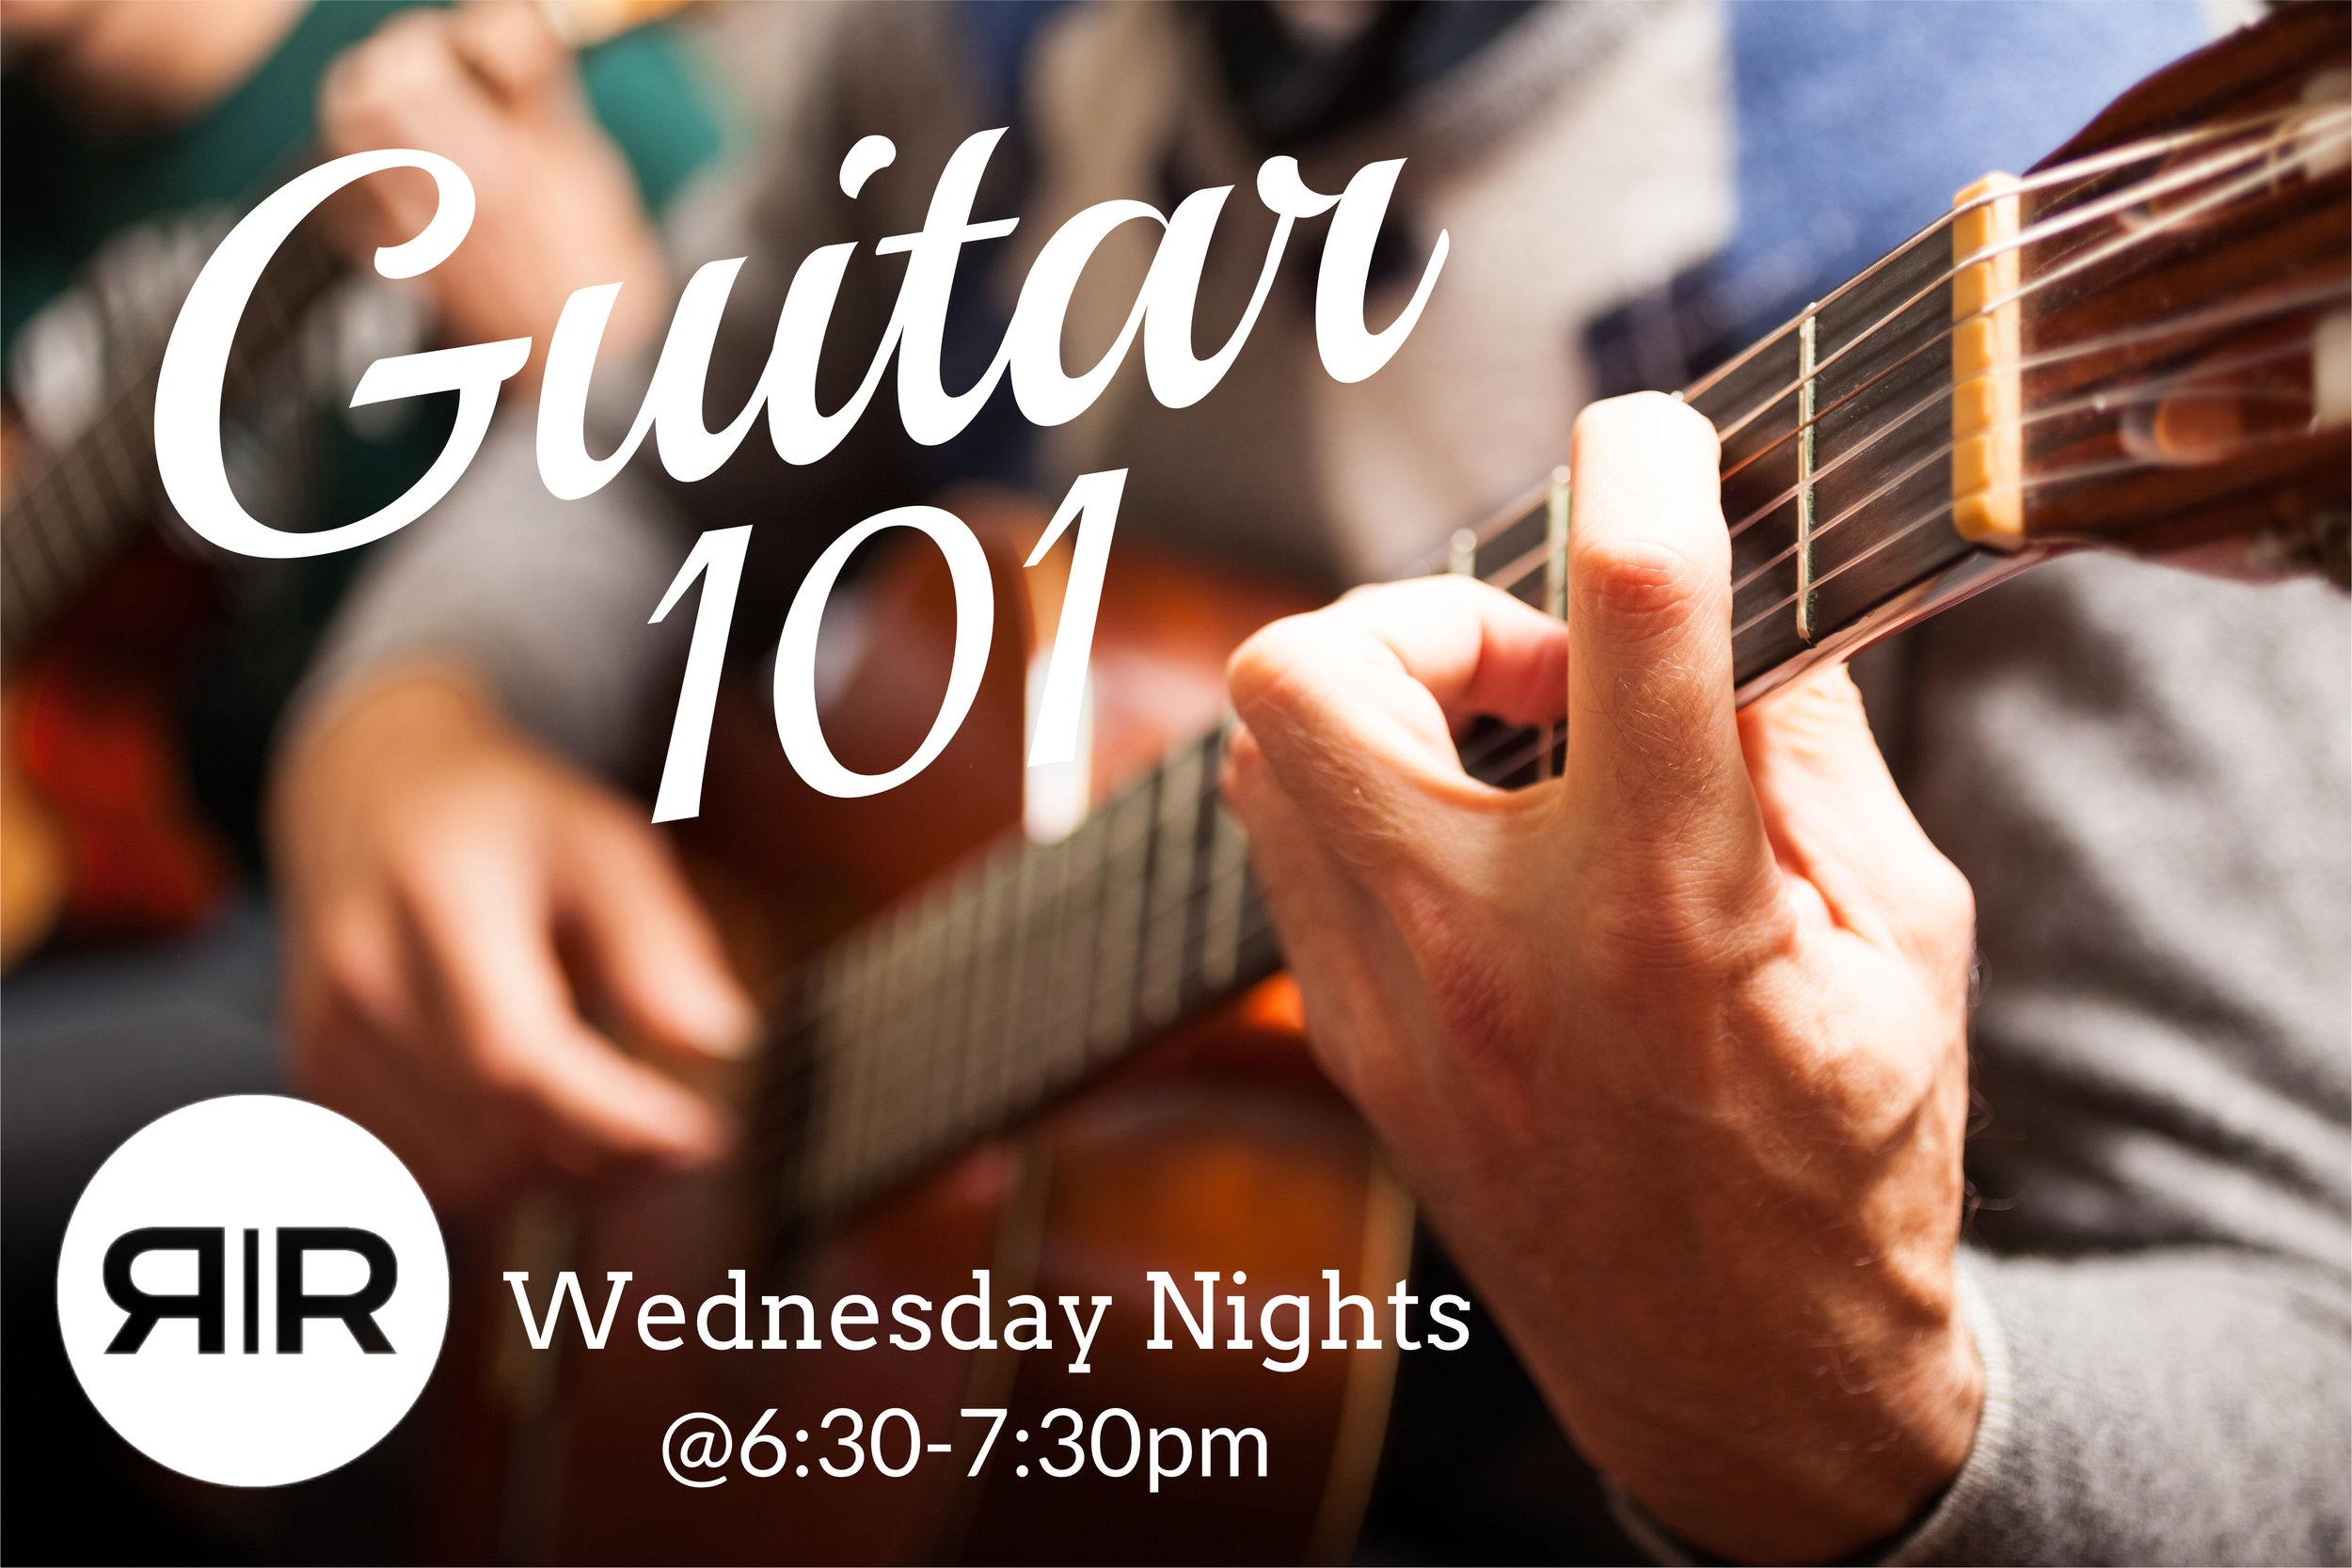 guitar 101 for website.jpg